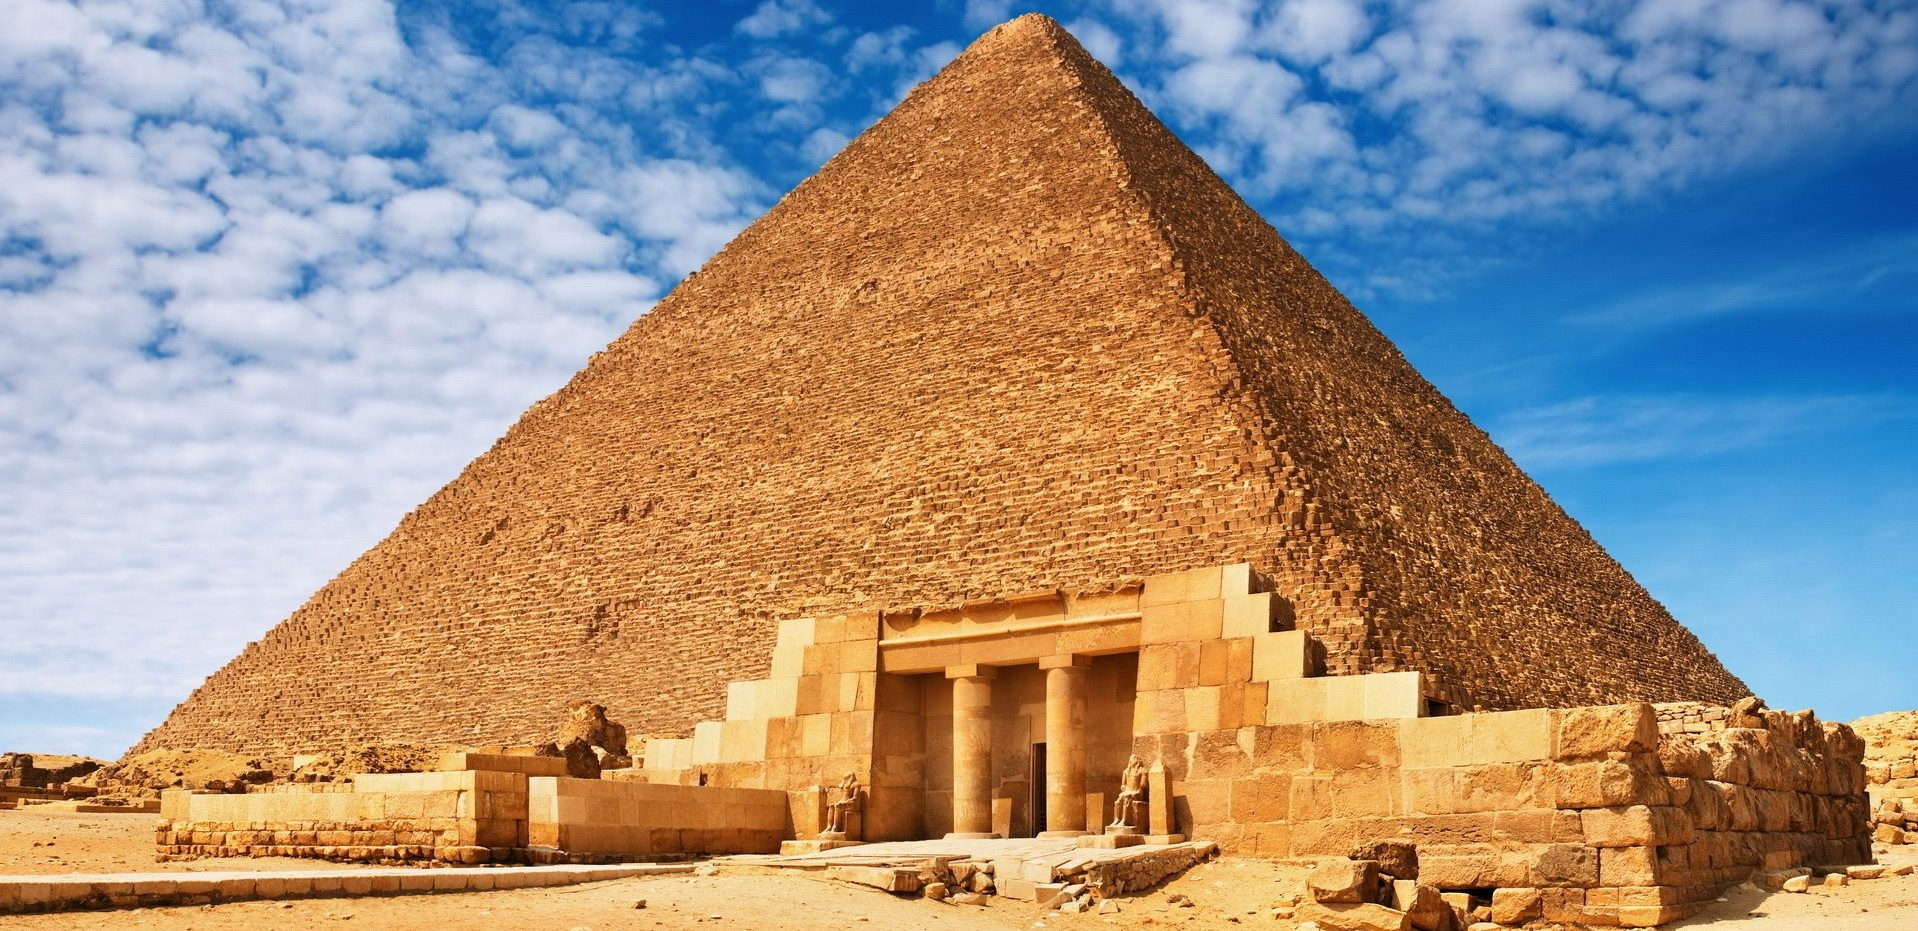 Дневная экскурсия в Гизу, пирамиды Саккара и Дахшур